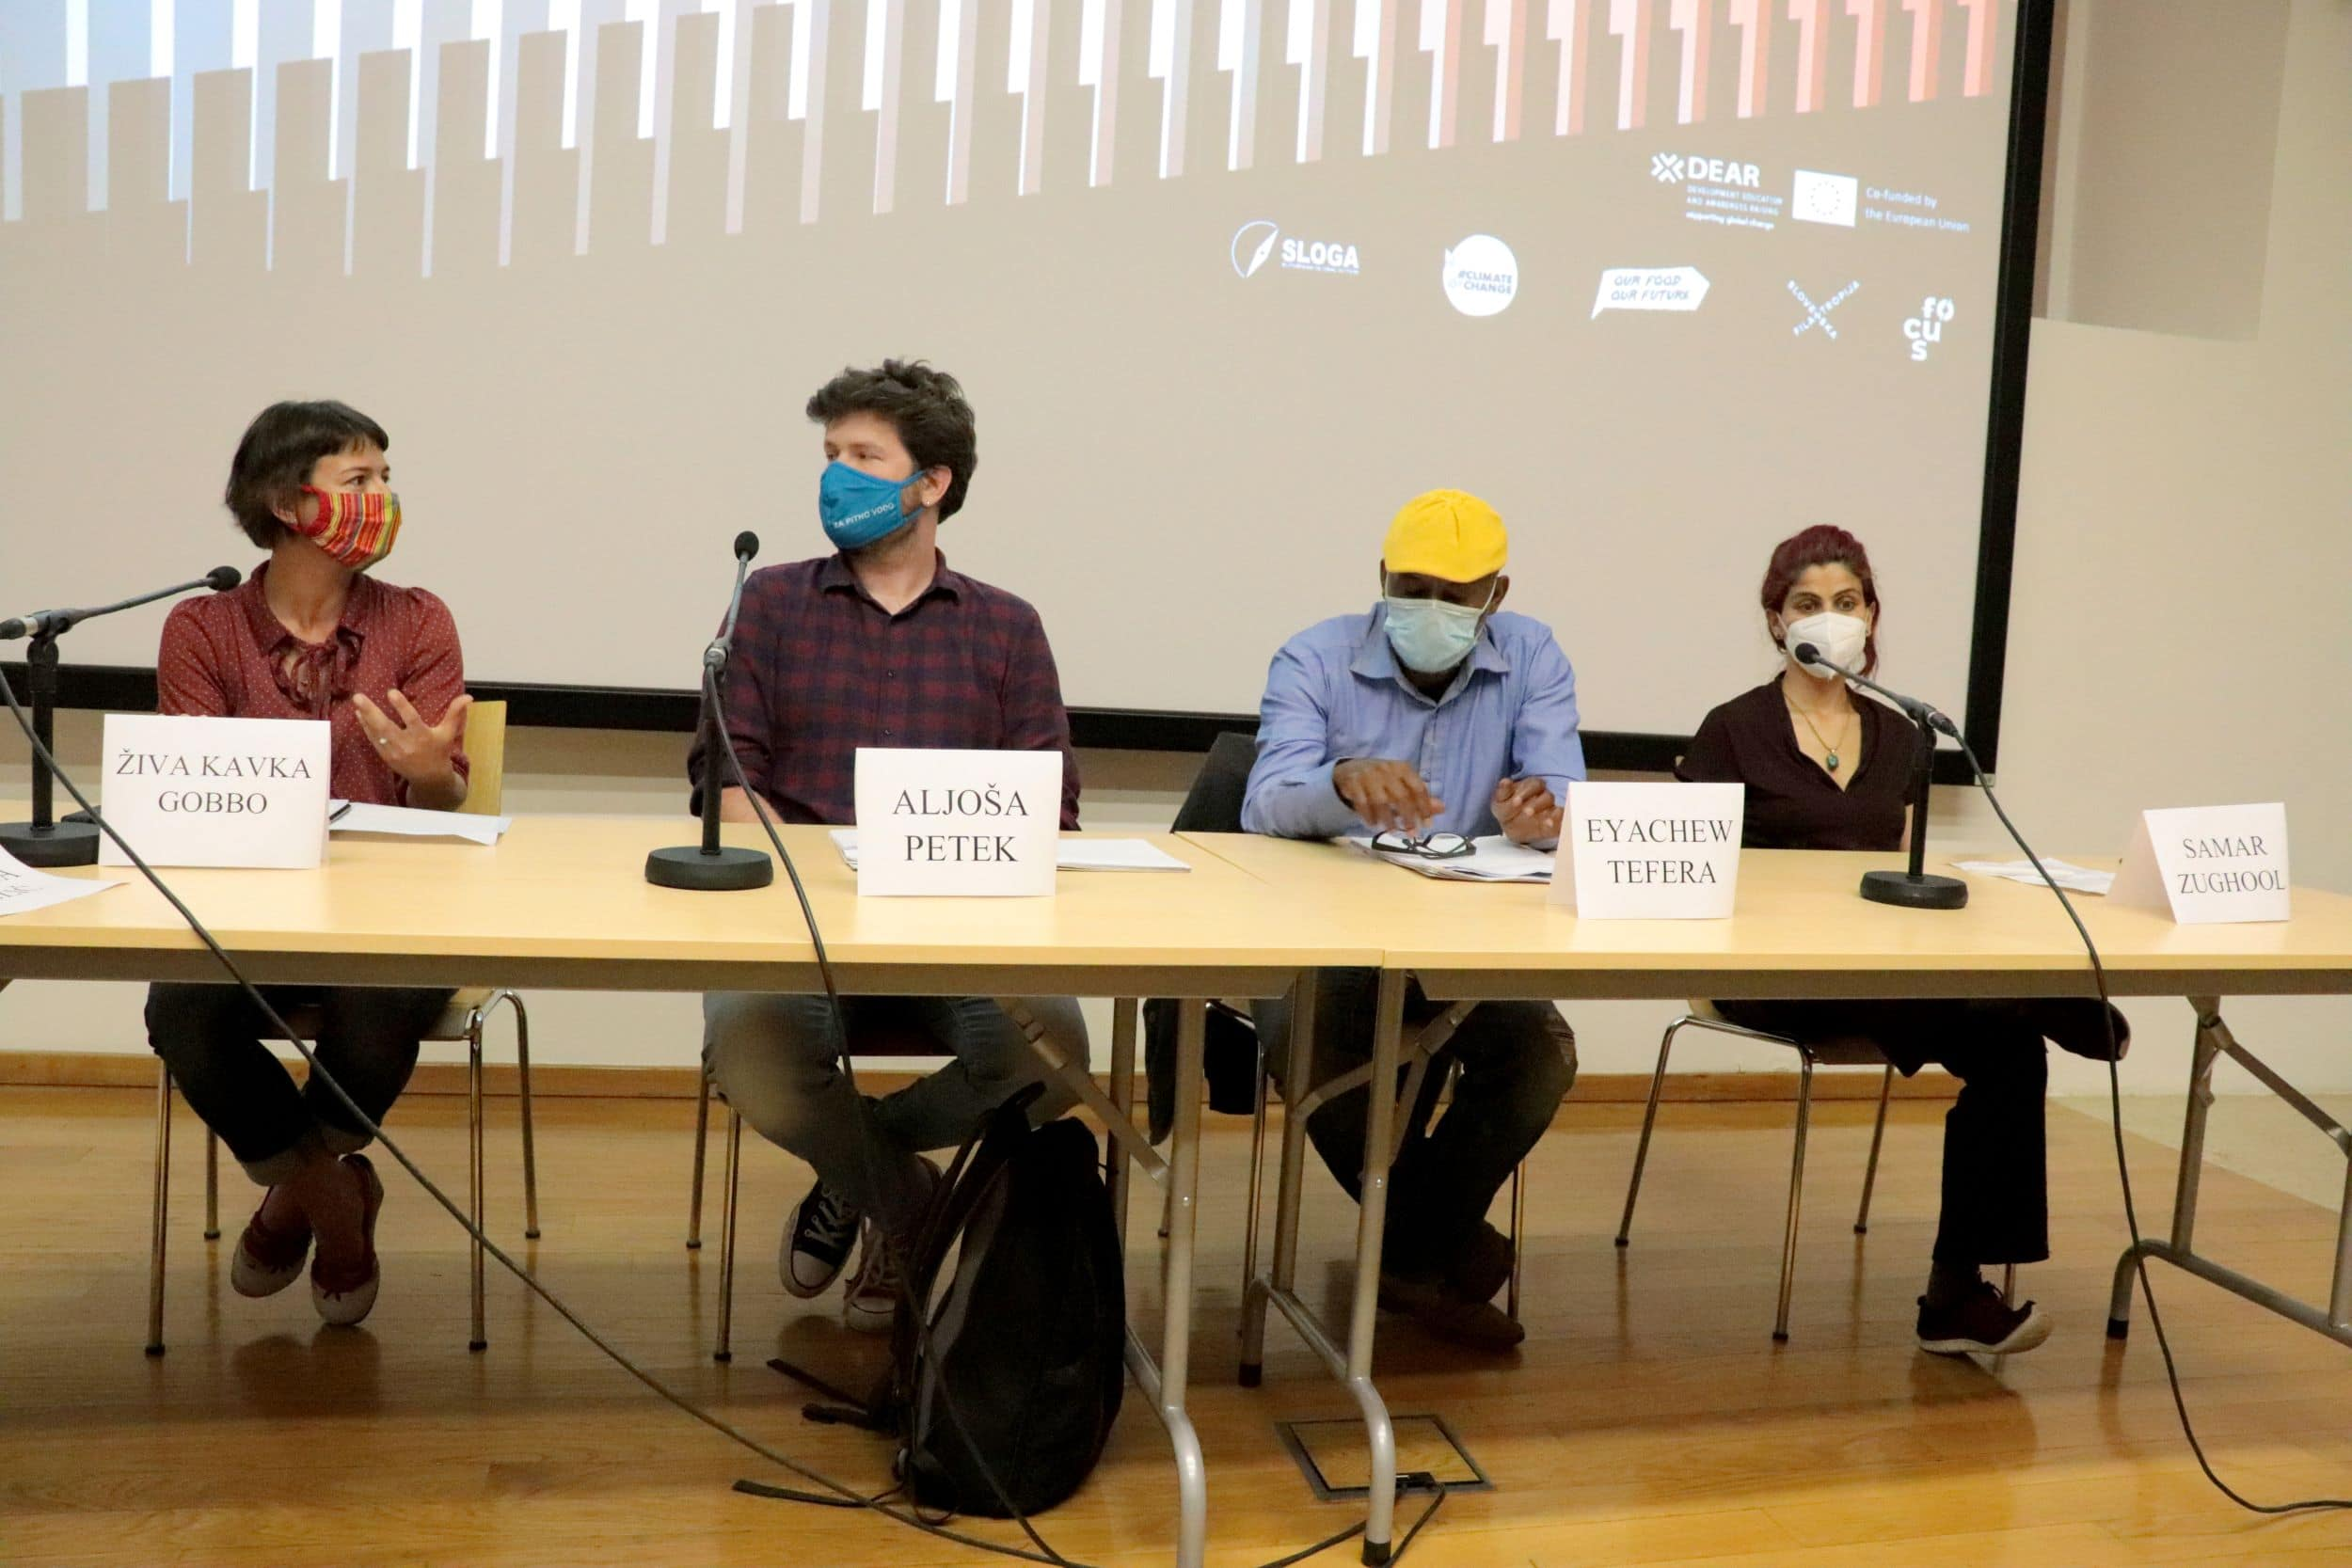 Udeleženci razprave. Foto: Jasna Rajnar Petrović